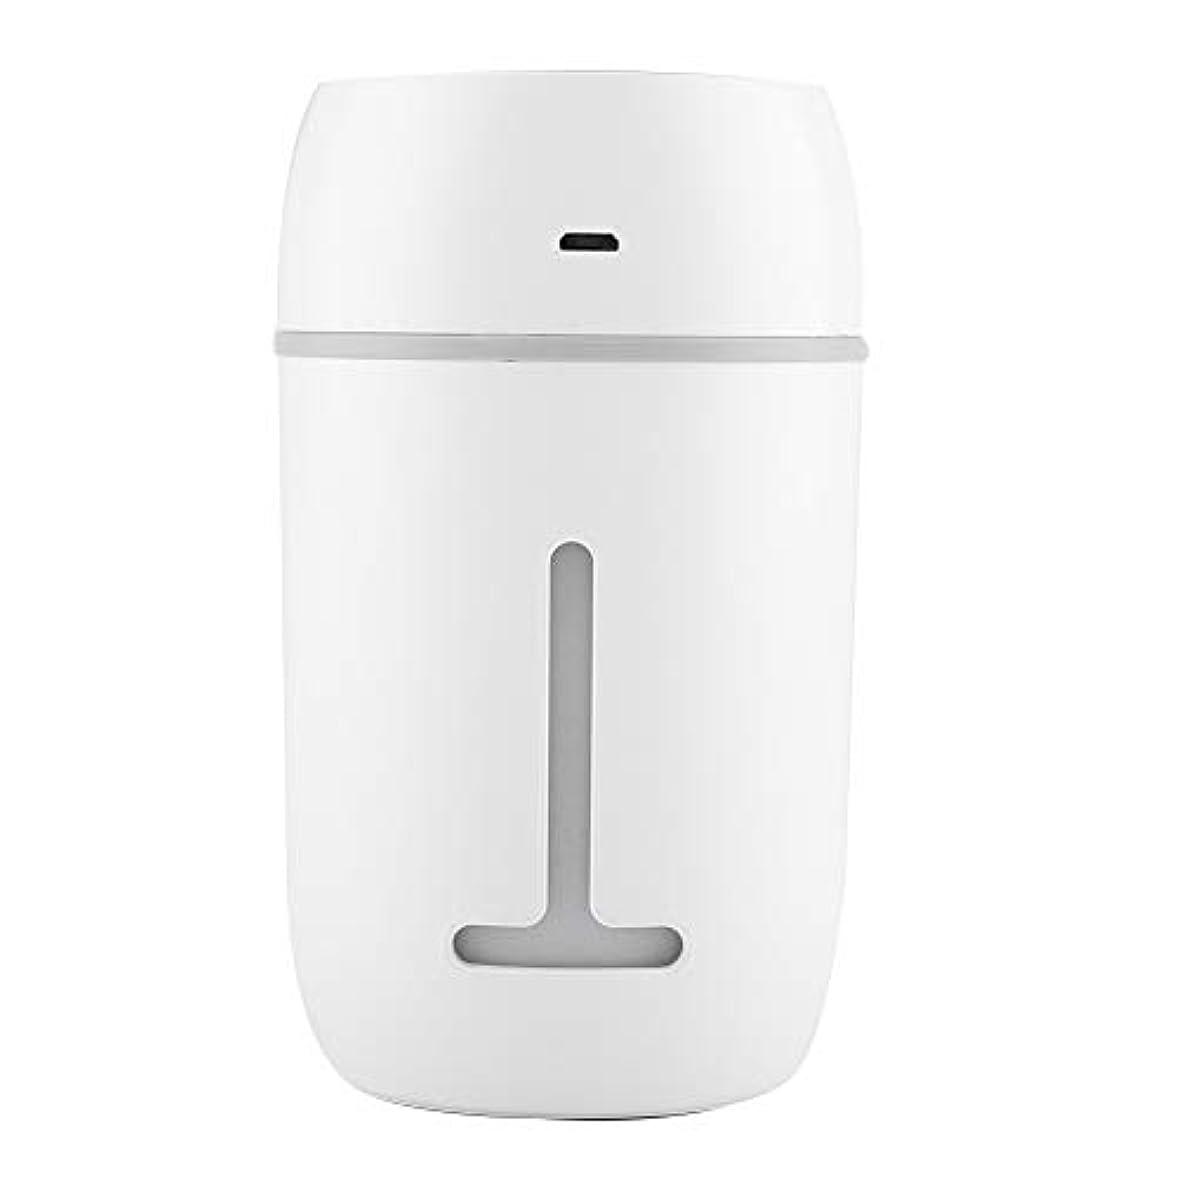 別の有毒な変装したミニUSB加湿器、超音波クールミスト加湿器充電式ポータブルカーオフィス加湿器ディフューザー7色LEDライト